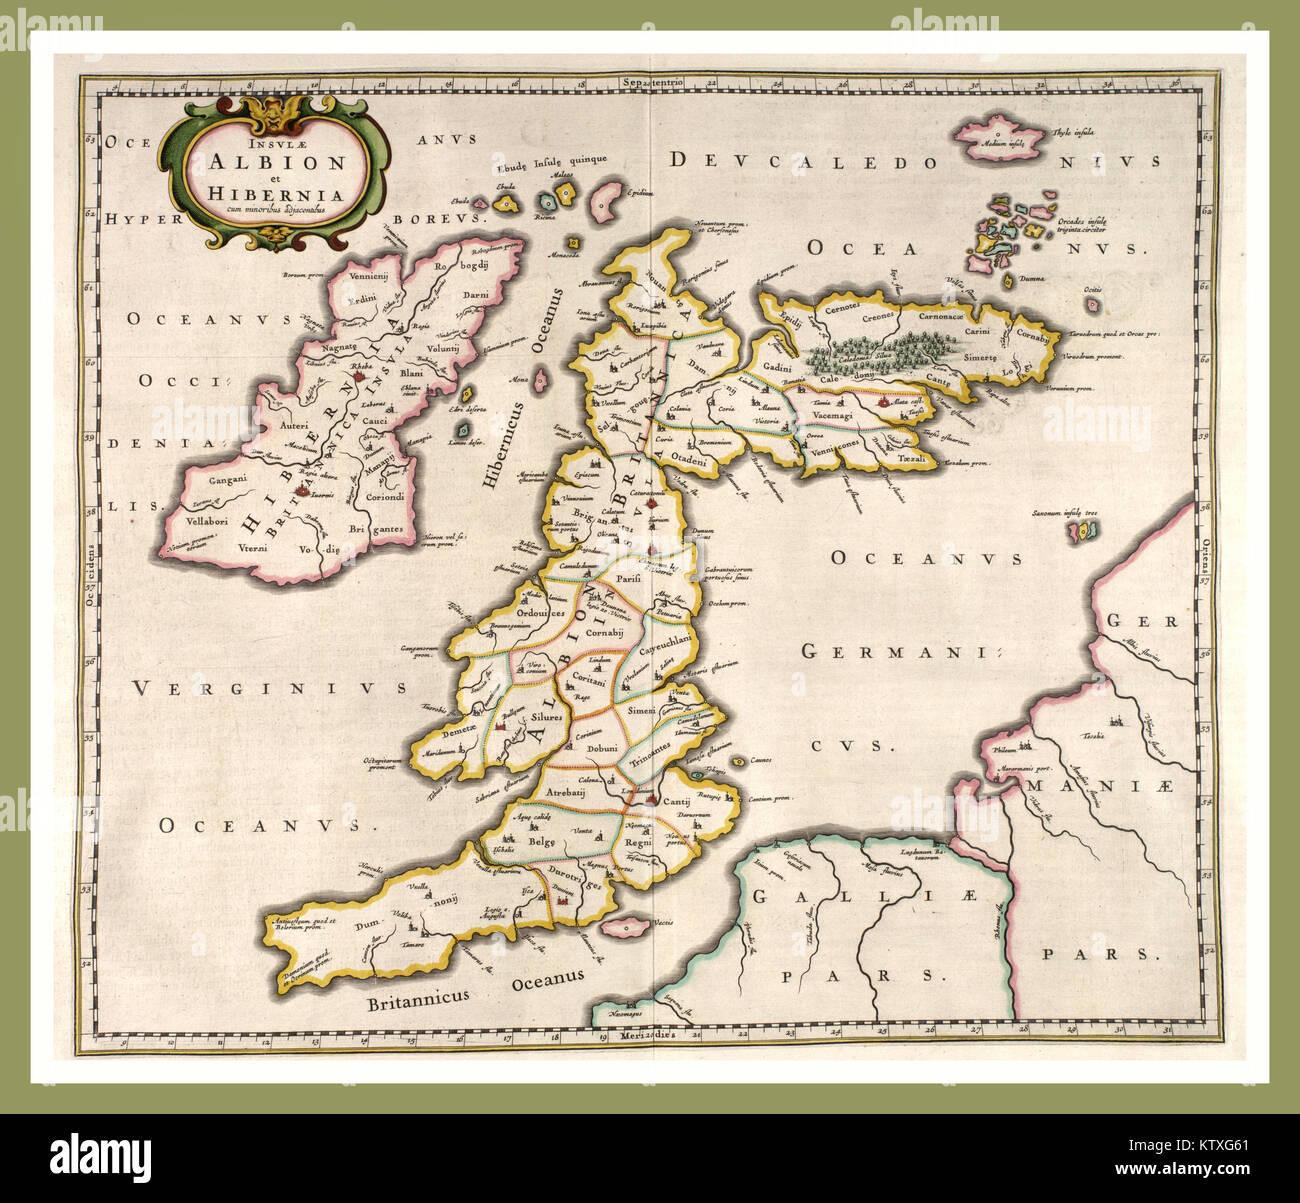 Immagini Della Cartina Della Gran Bretagna.Inizio Mappa Della Gran Bretagna L Inghilterra E La Scozia Scritto In Latino Datata 1654 Albion E Hibernia Foto Stock Alamy